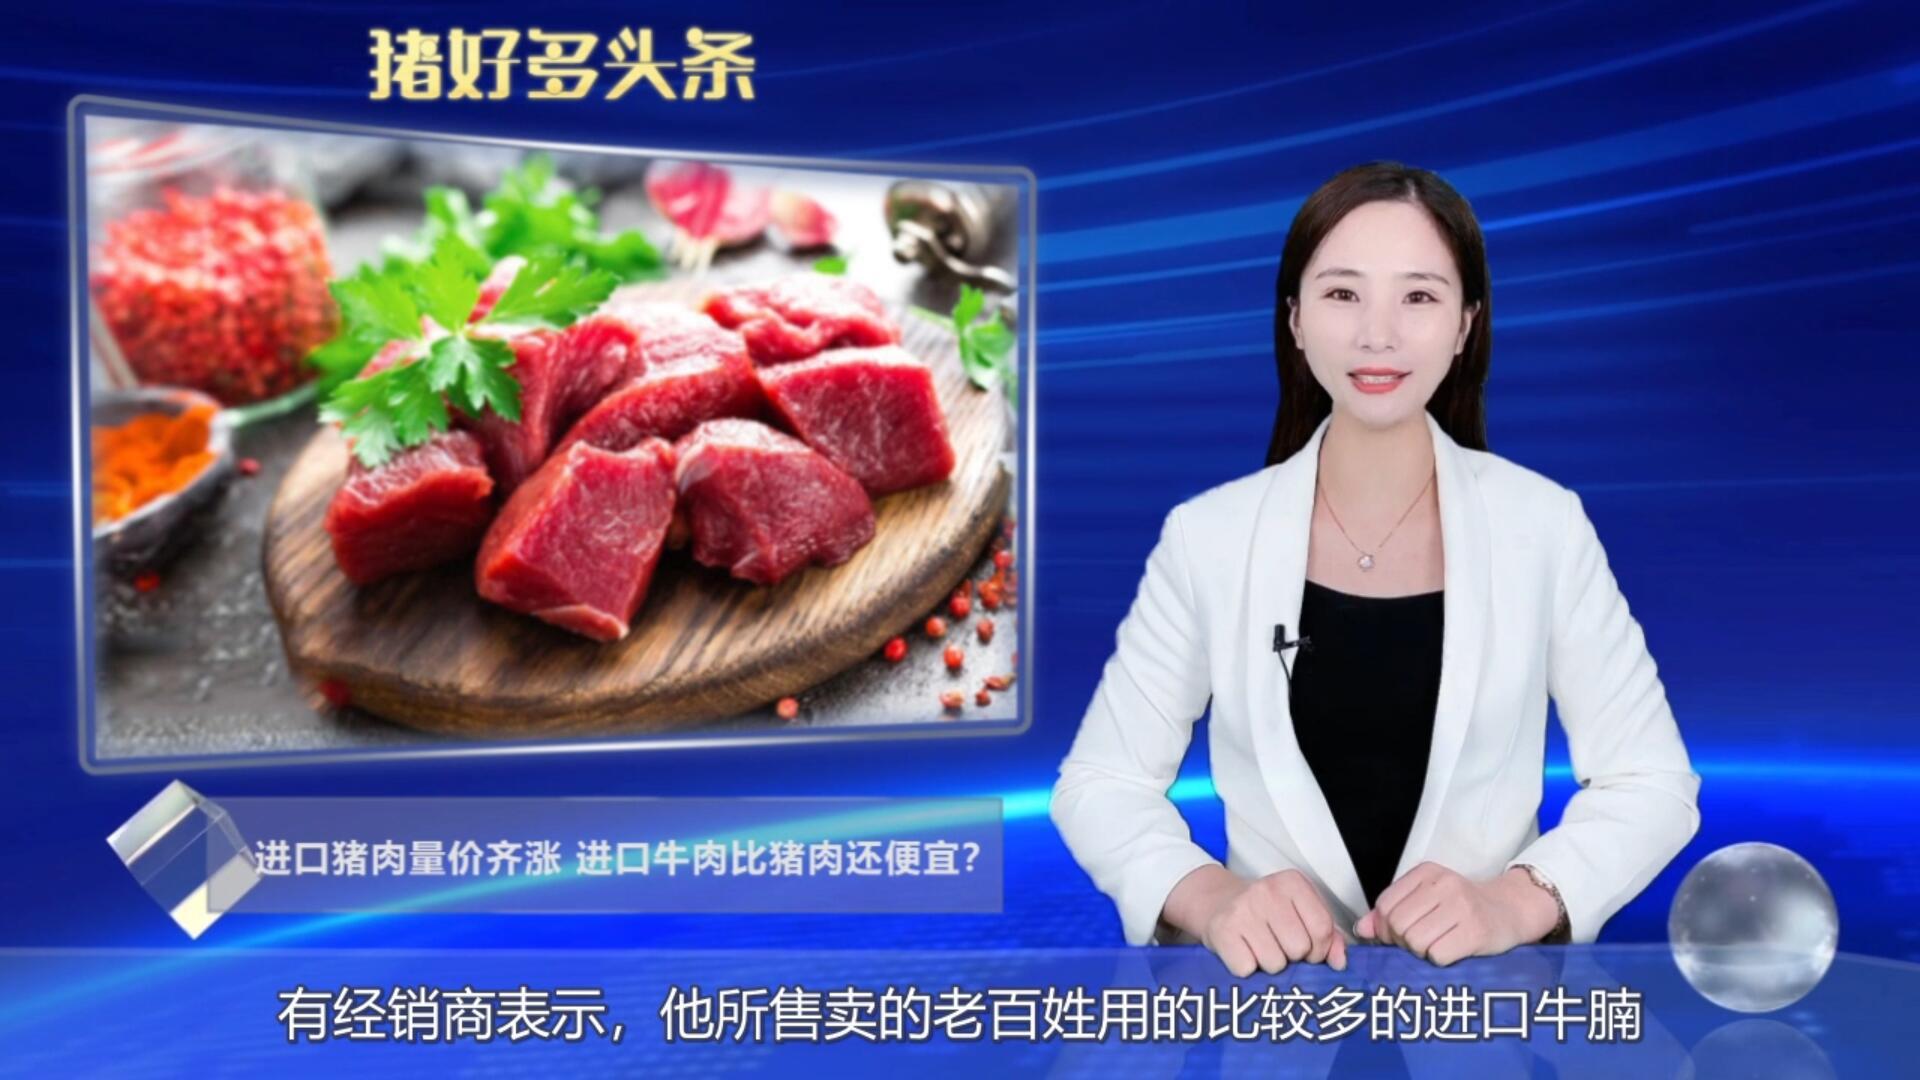 国产猪肉供应不足,进口猪肉量价齐涨,部分猪肉比牛肉还贵!